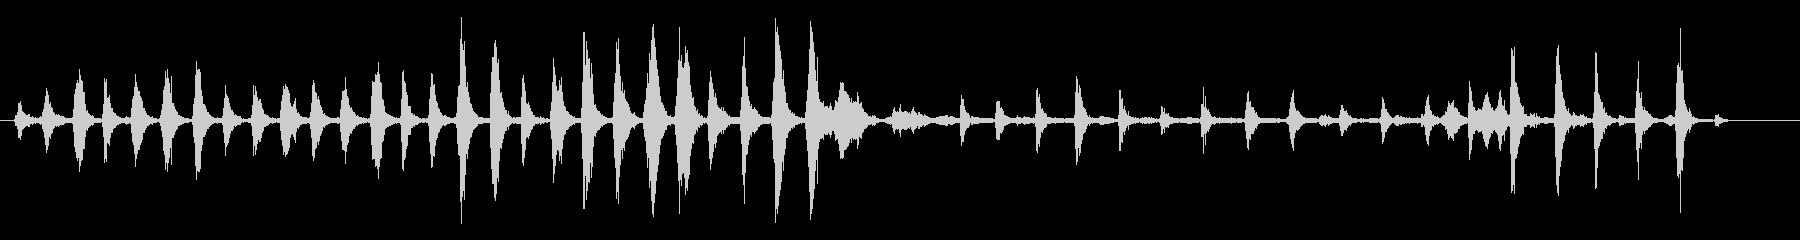 空手ワークアウト-エクササイズ、ジ...の未再生の波形